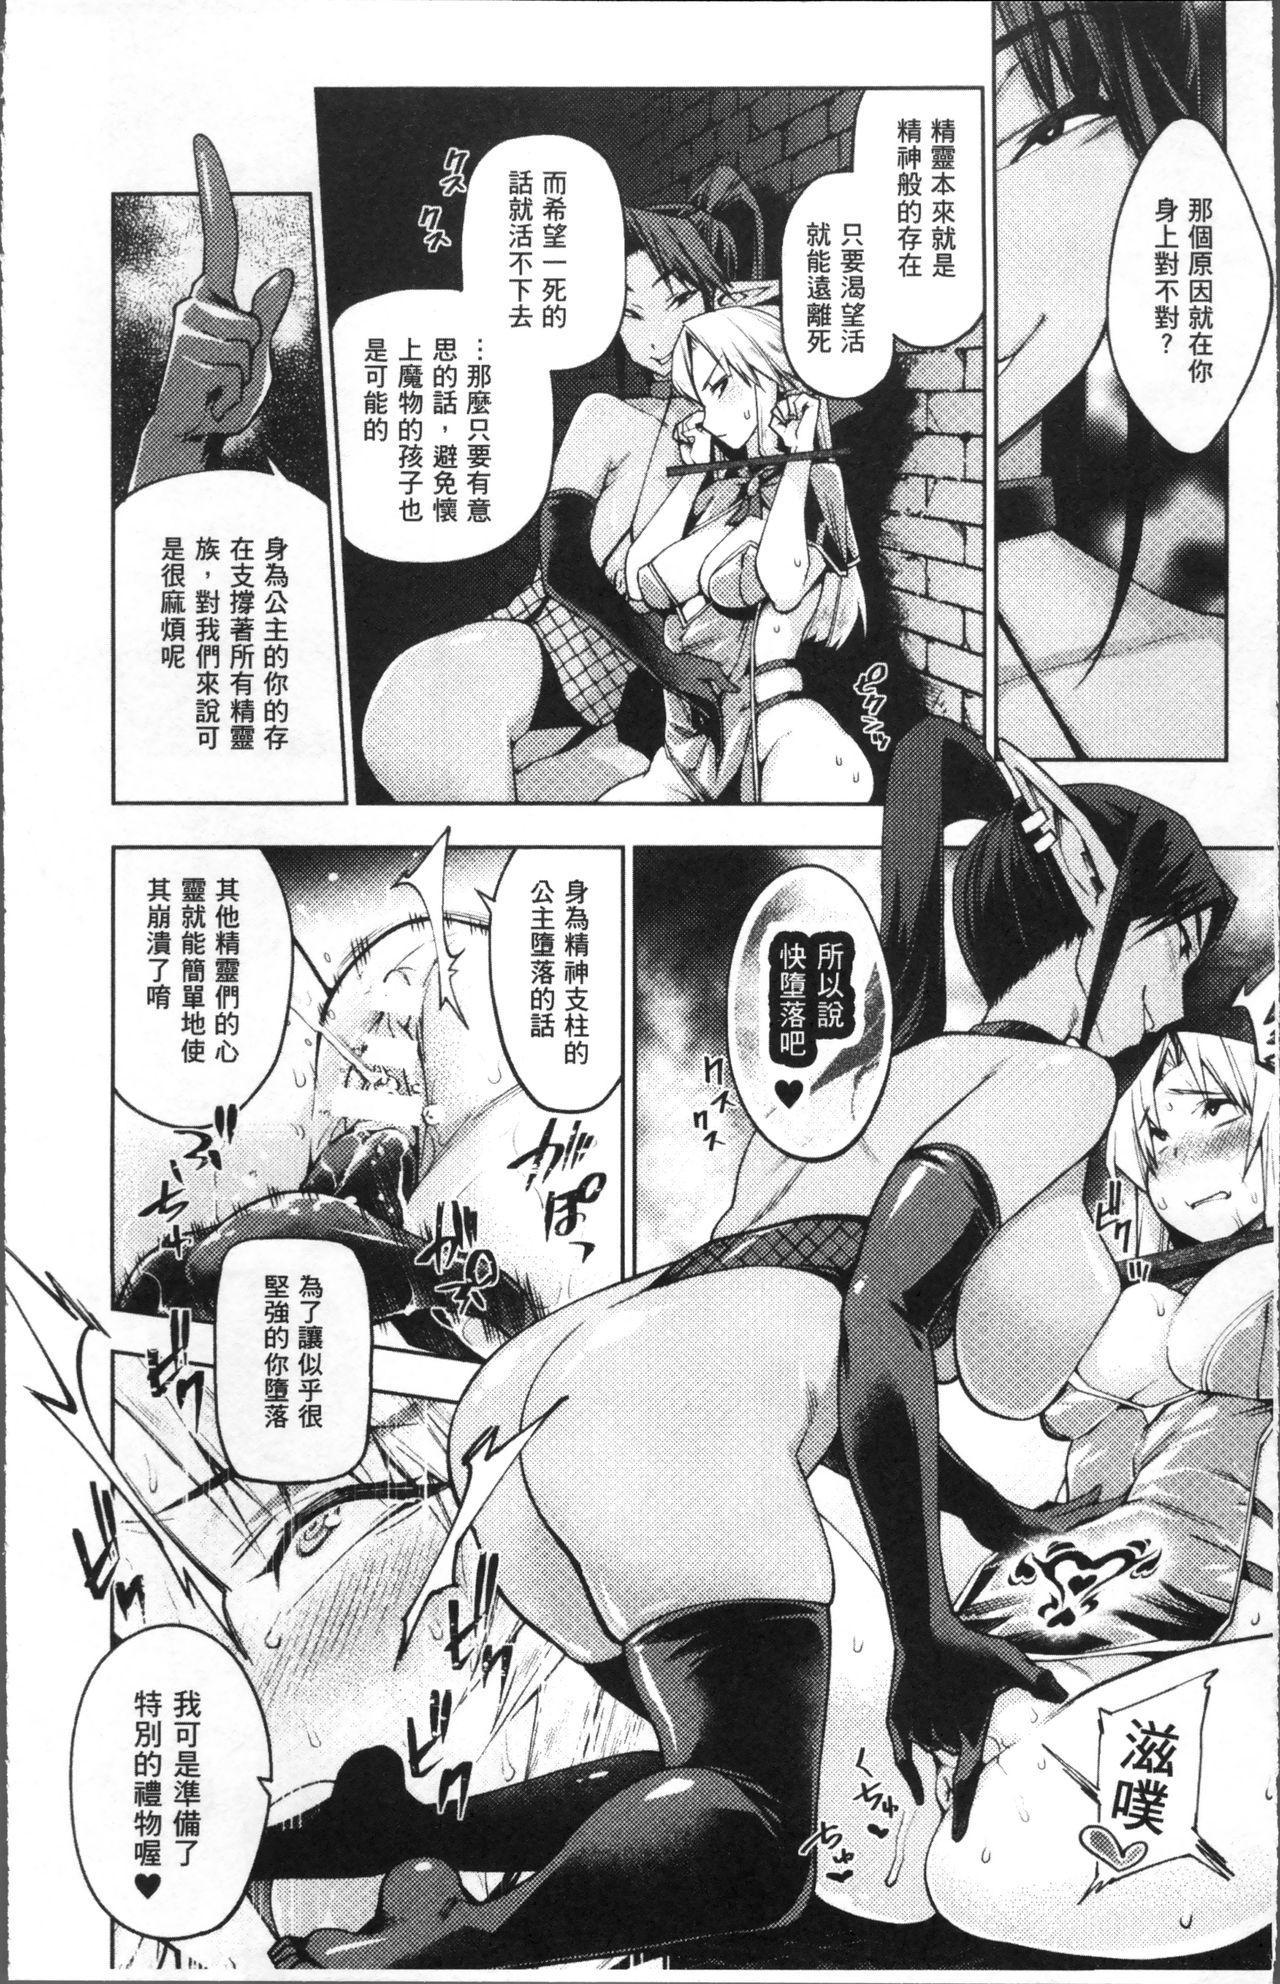 Bessatsu Comic Unreal Ningen Bokujou Hen 4 65